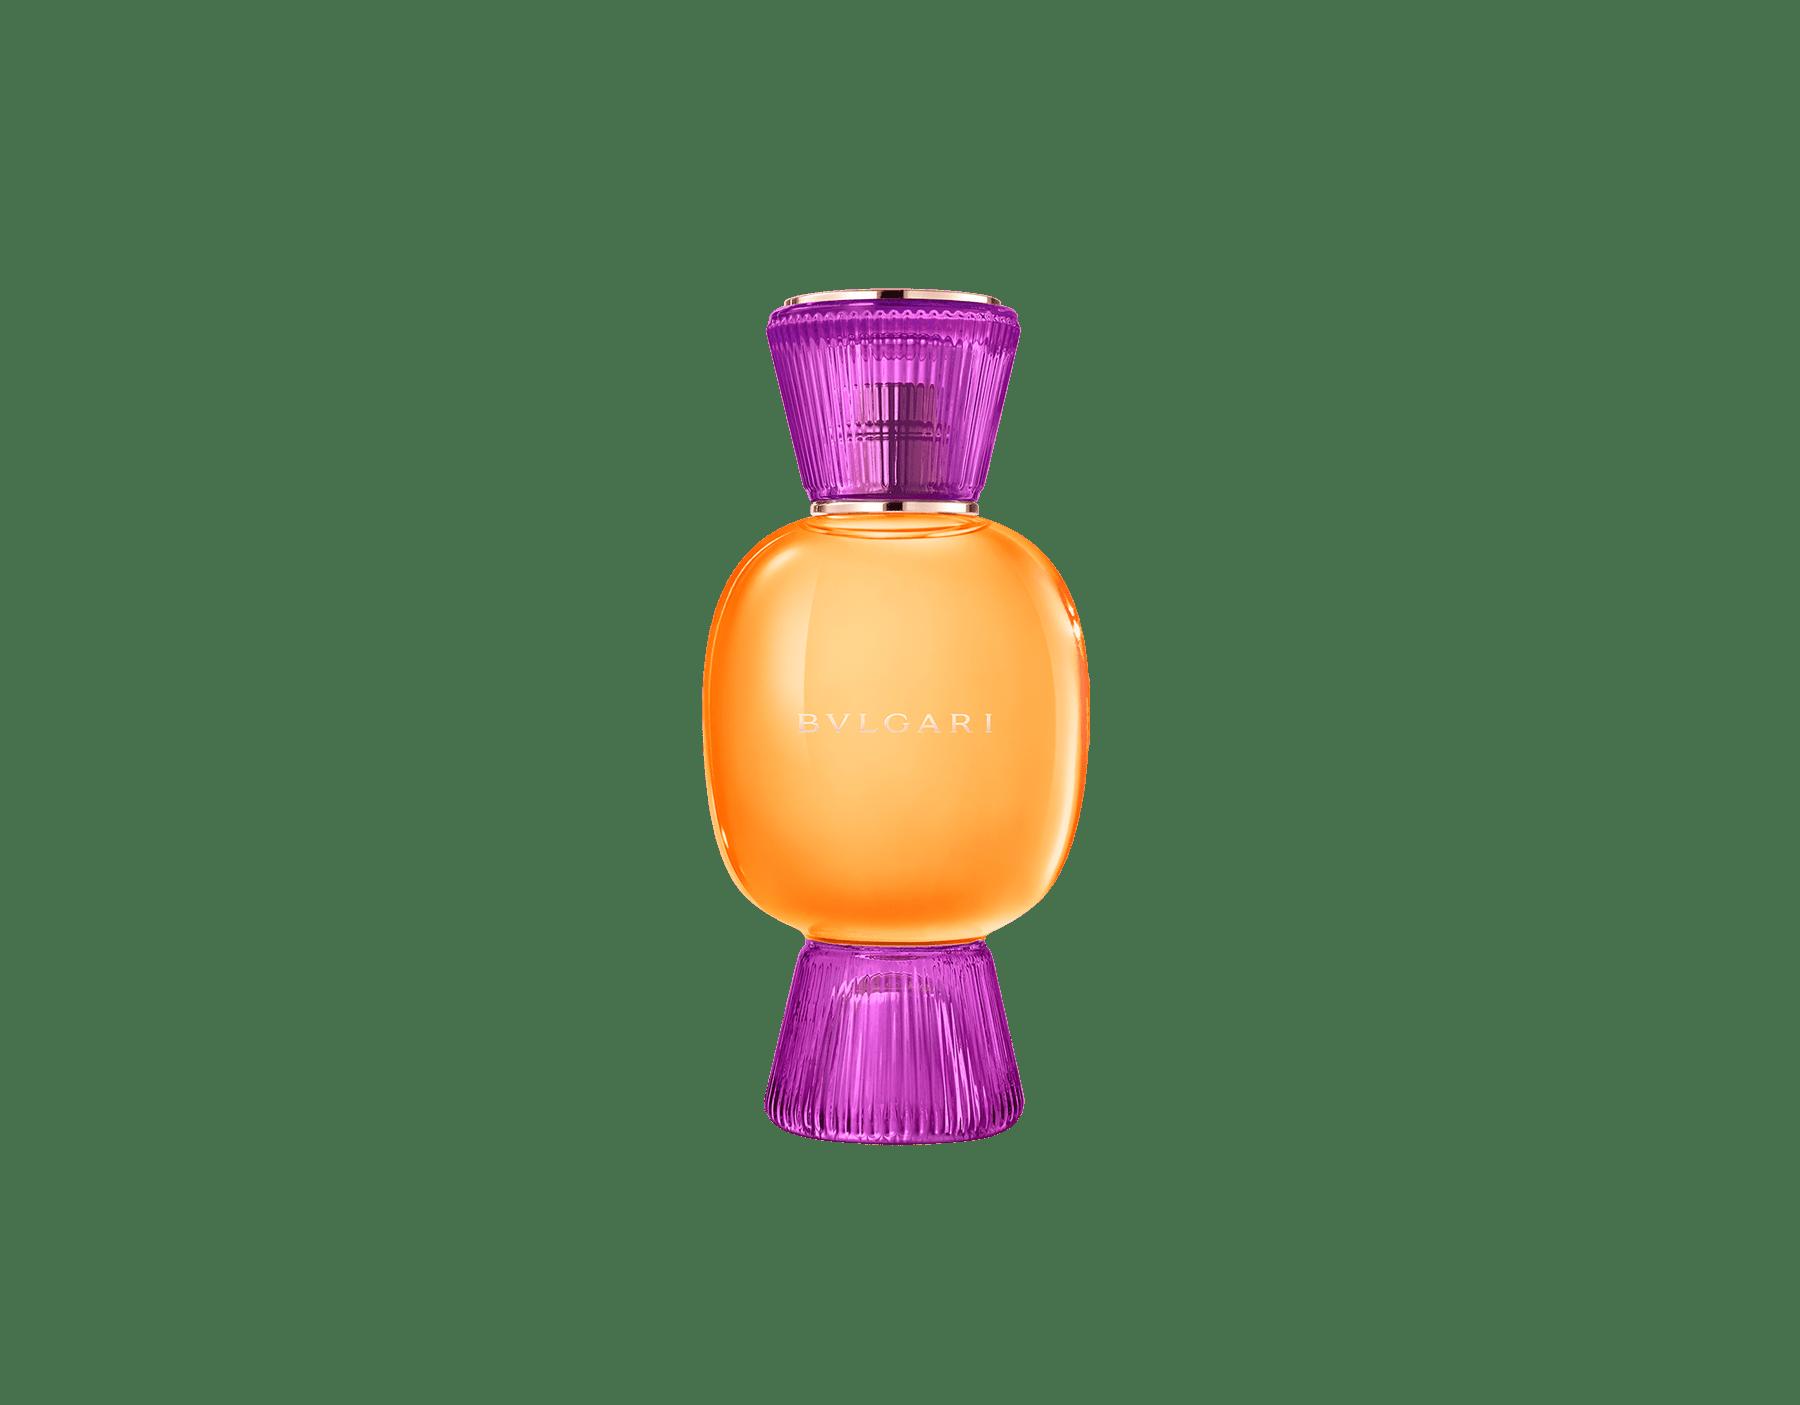 Эксклюзивный парфюмерный набор, вам под стать – такой же смелый и уникальный. В сочетании пьянящих цветочных нот парфюмерной воды Rock'n'Rome Allegra и роскошной бархатистой эссенции Magnifying Rose рождается неотразимый женский аромат с индивидуальным характером.  Perfume-Set-Rock-n-Rome-Eau-de-Parfum-and-Rose-Magnifying image 2